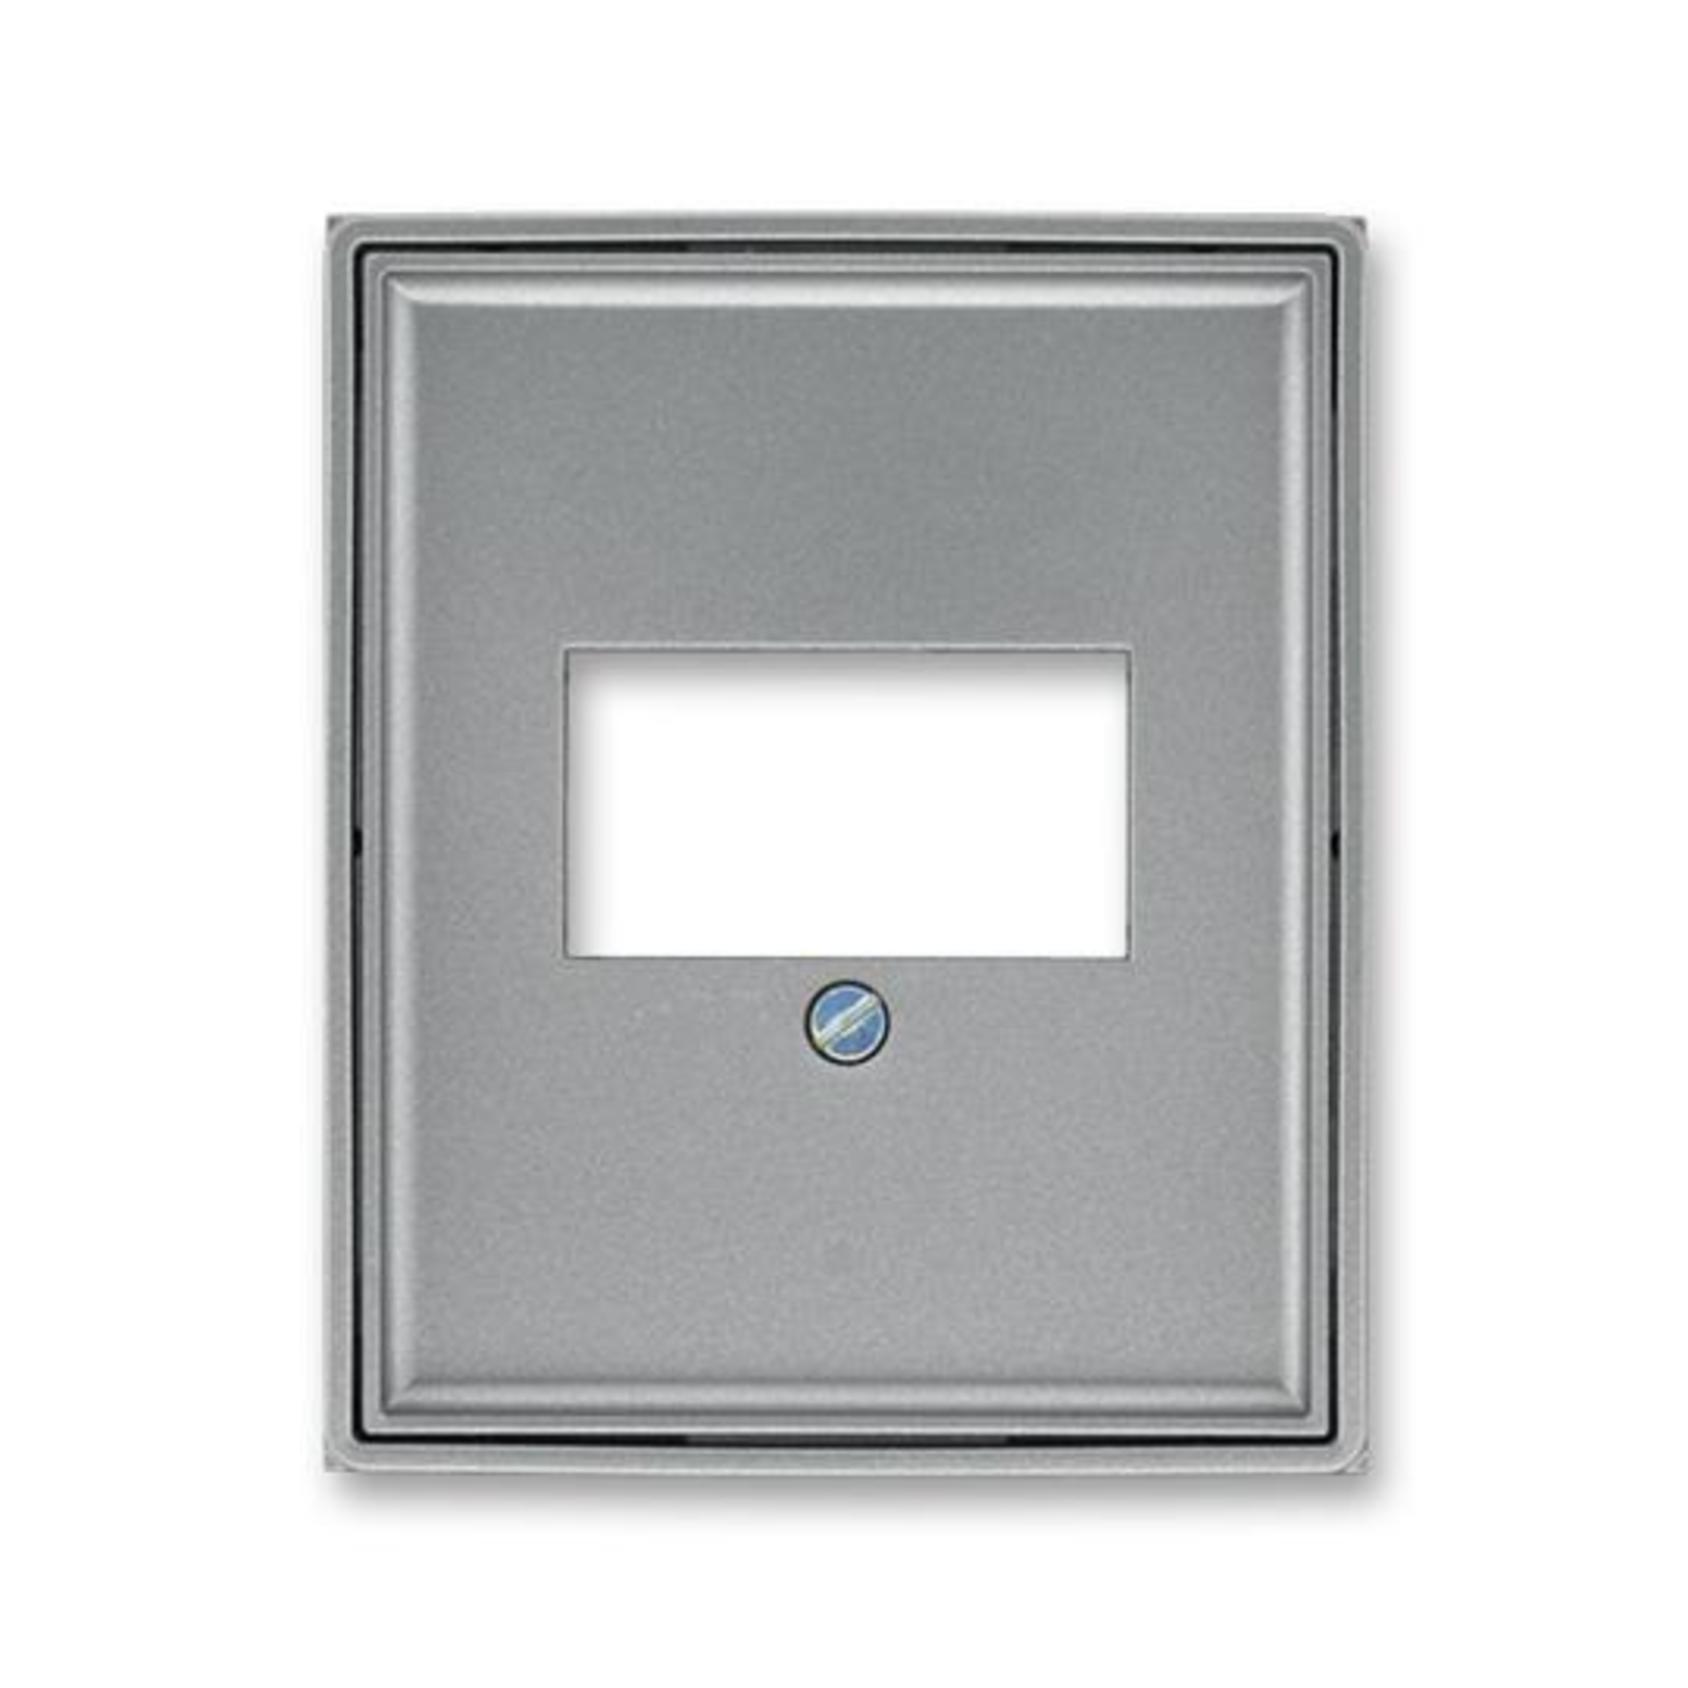 ABB 5014E-A00040 36 Time Kryt zásuvky komunikační přímé (pro HDMI, USB, VGA, USB nabíječku)